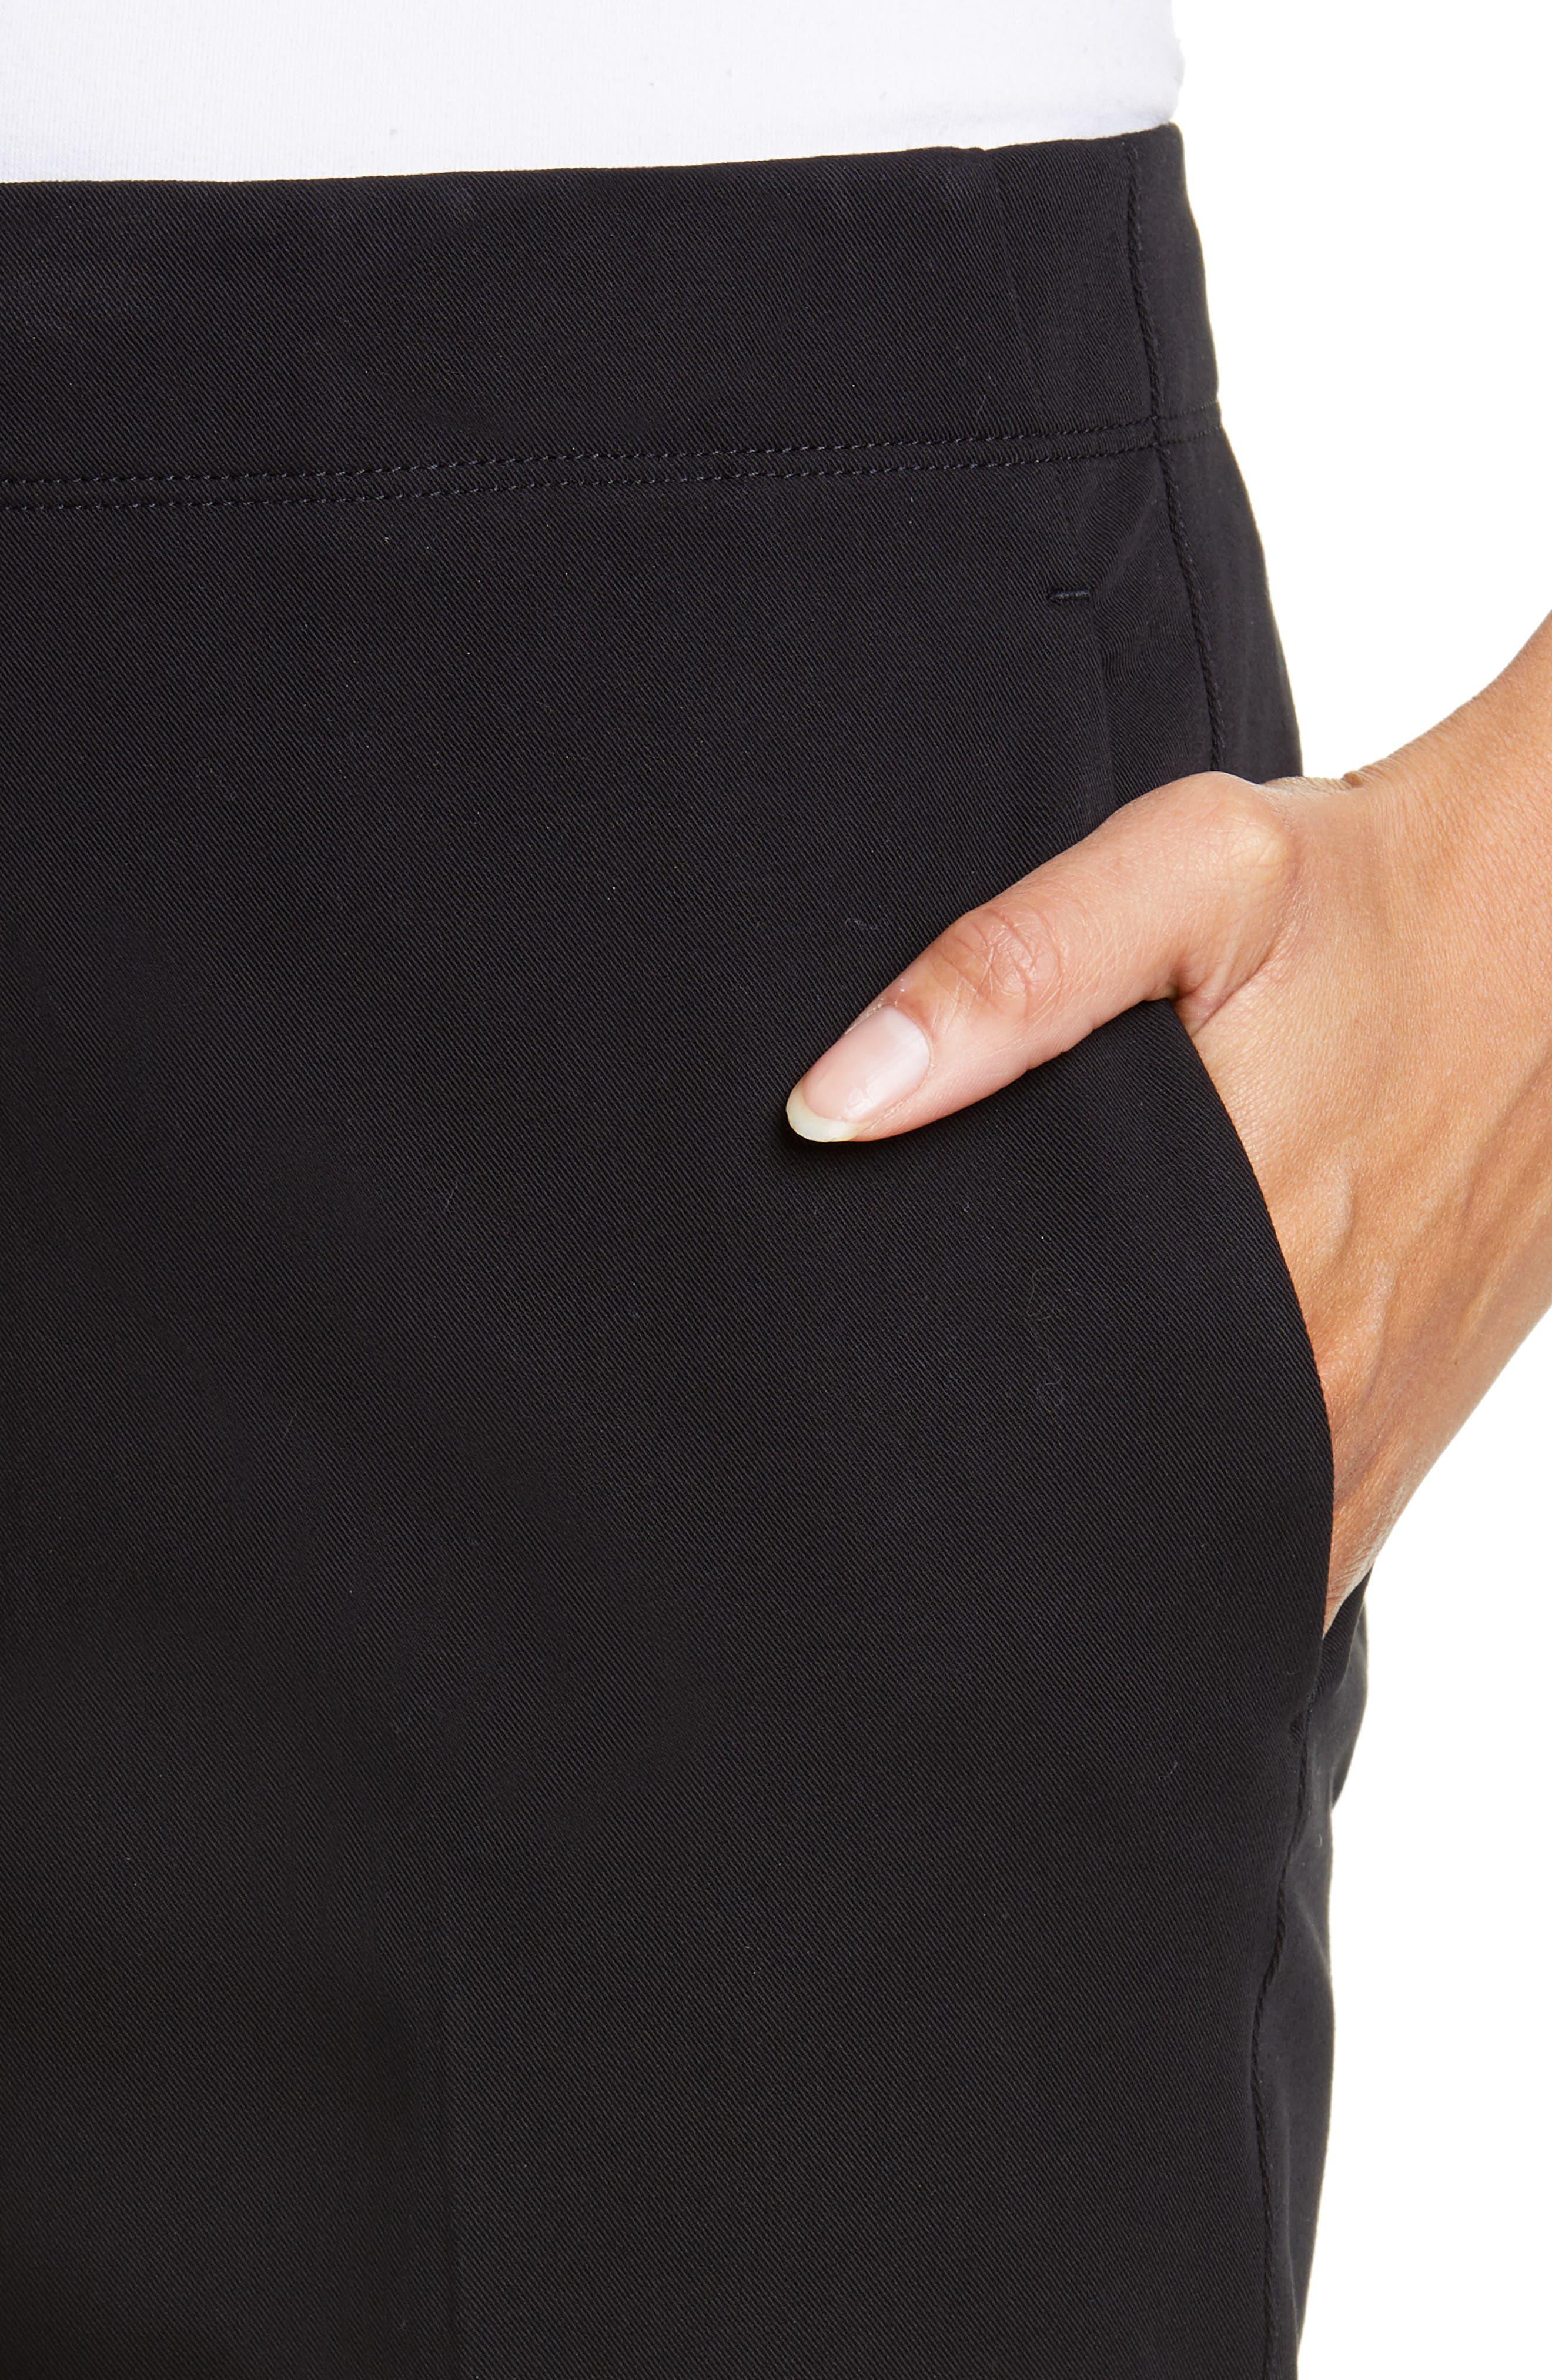 HELMUT LANG, Stretch Cotton Slim Trousers, Alternate thumbnail 4, color, BLACK